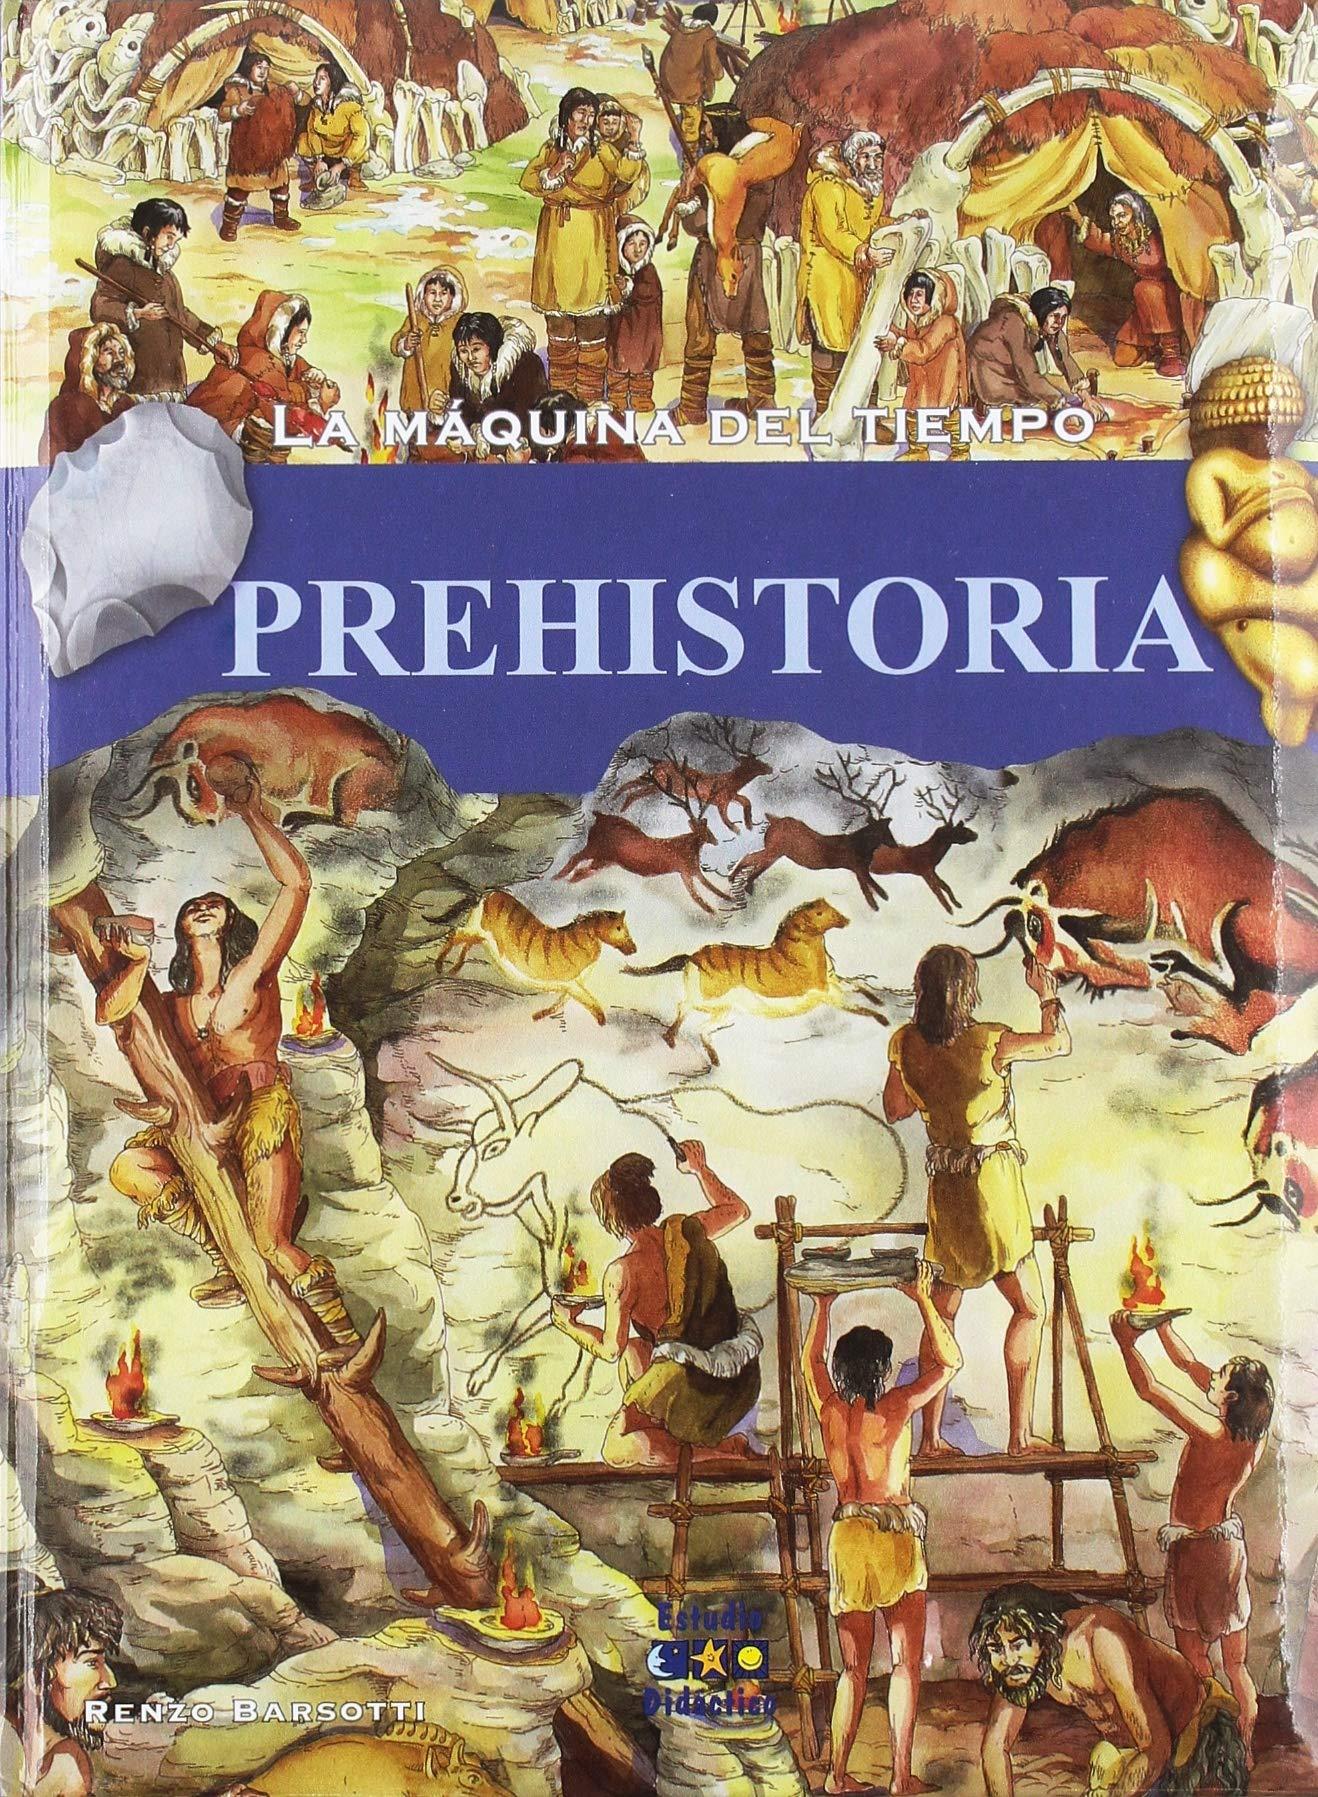 LA MAQUINA DEL TIEMPO: PREHISTORIA: 1: Amazon.es: BARSOTTI, RENZO: Libros en idiomas extranjeros